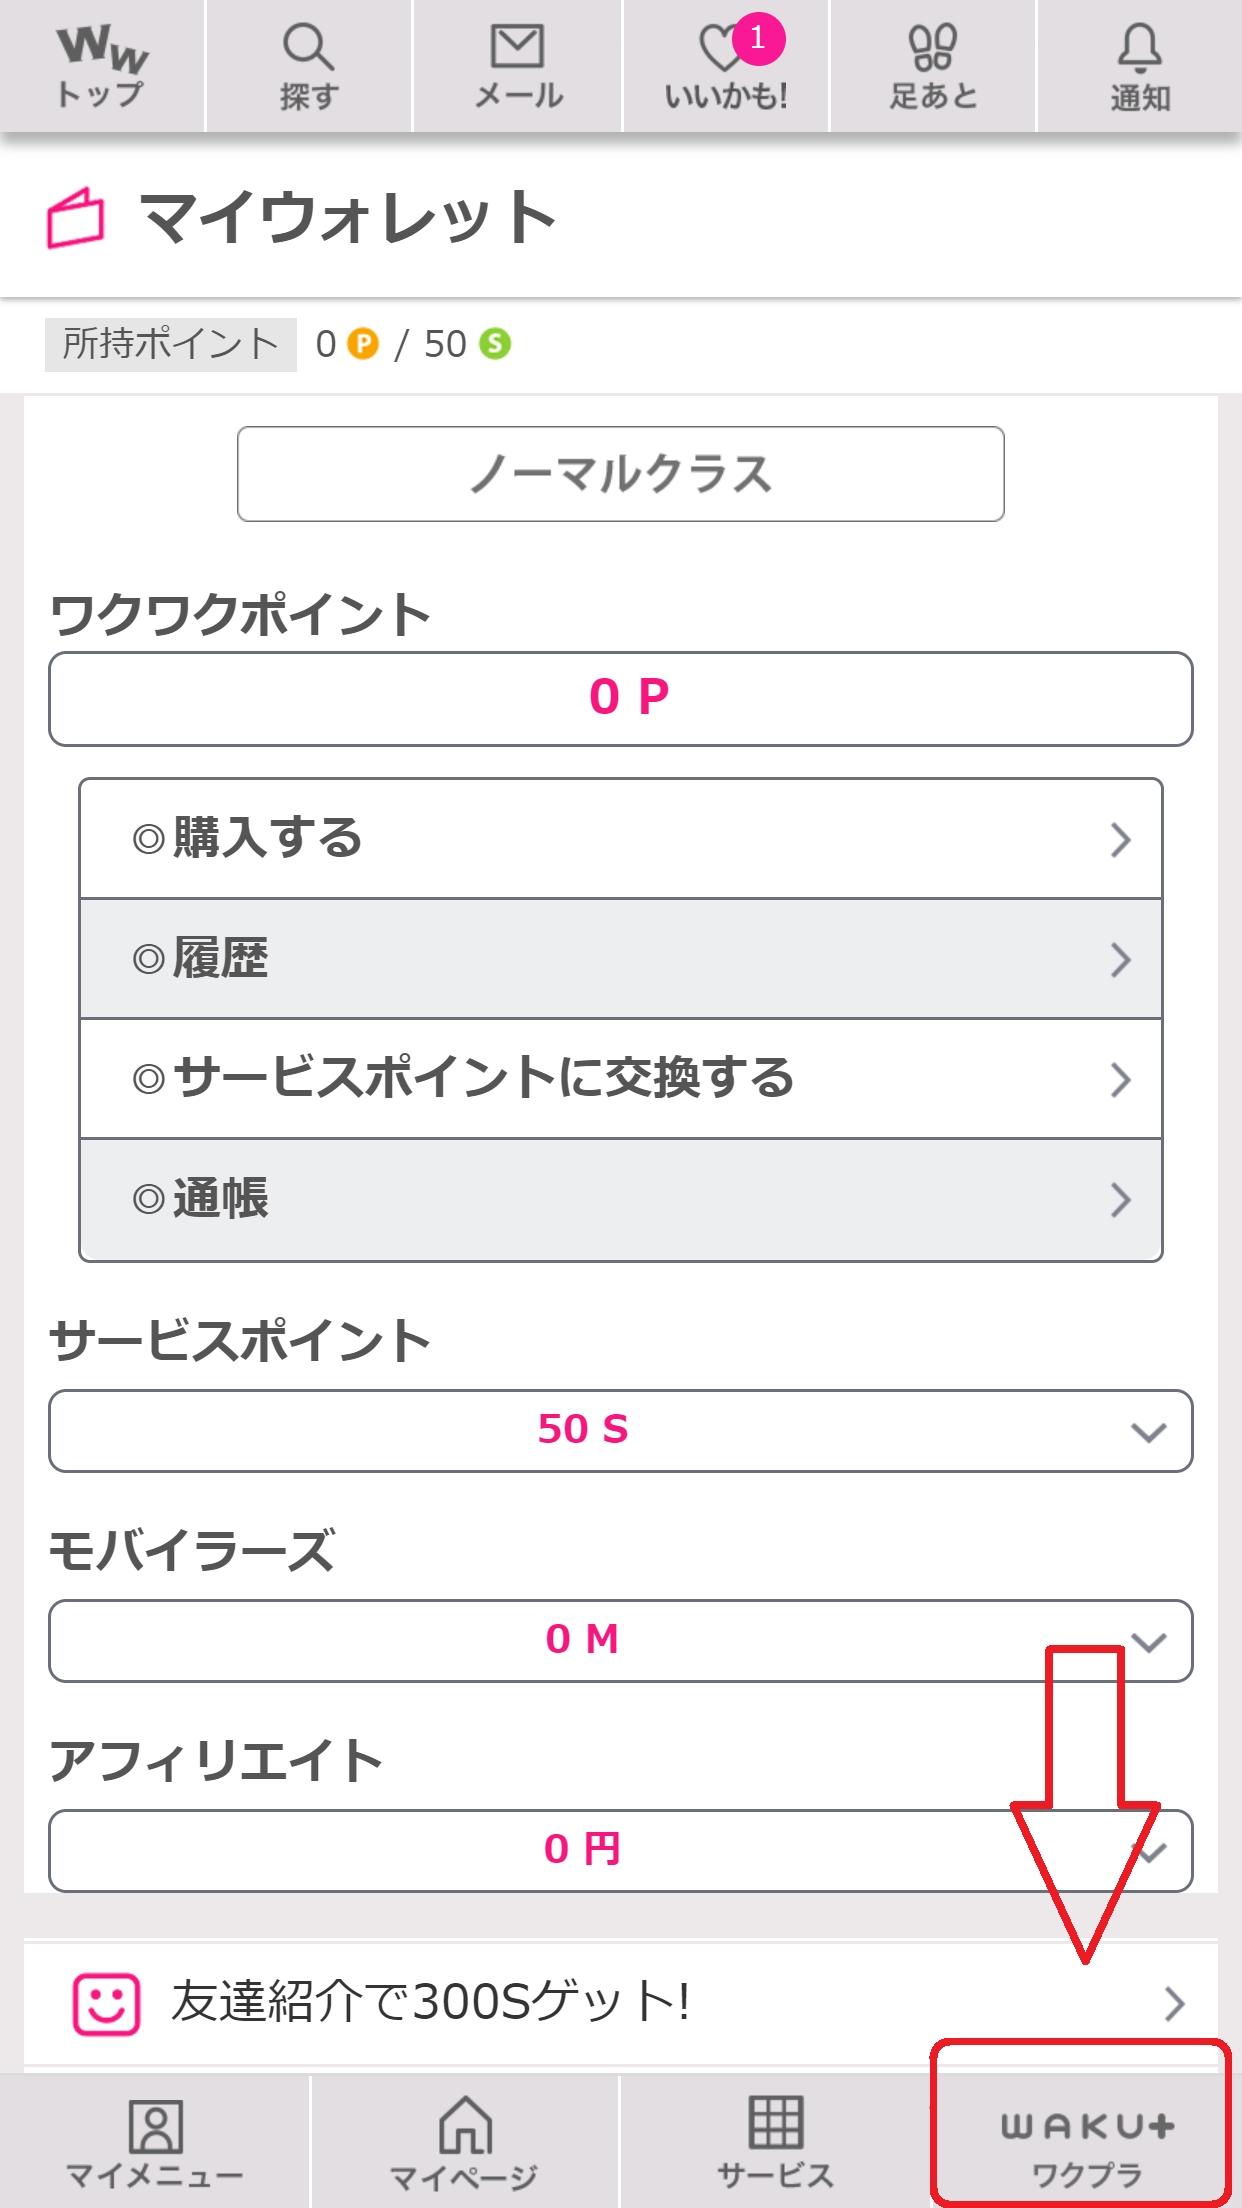 ワクワクメール waku+ ワクプラ